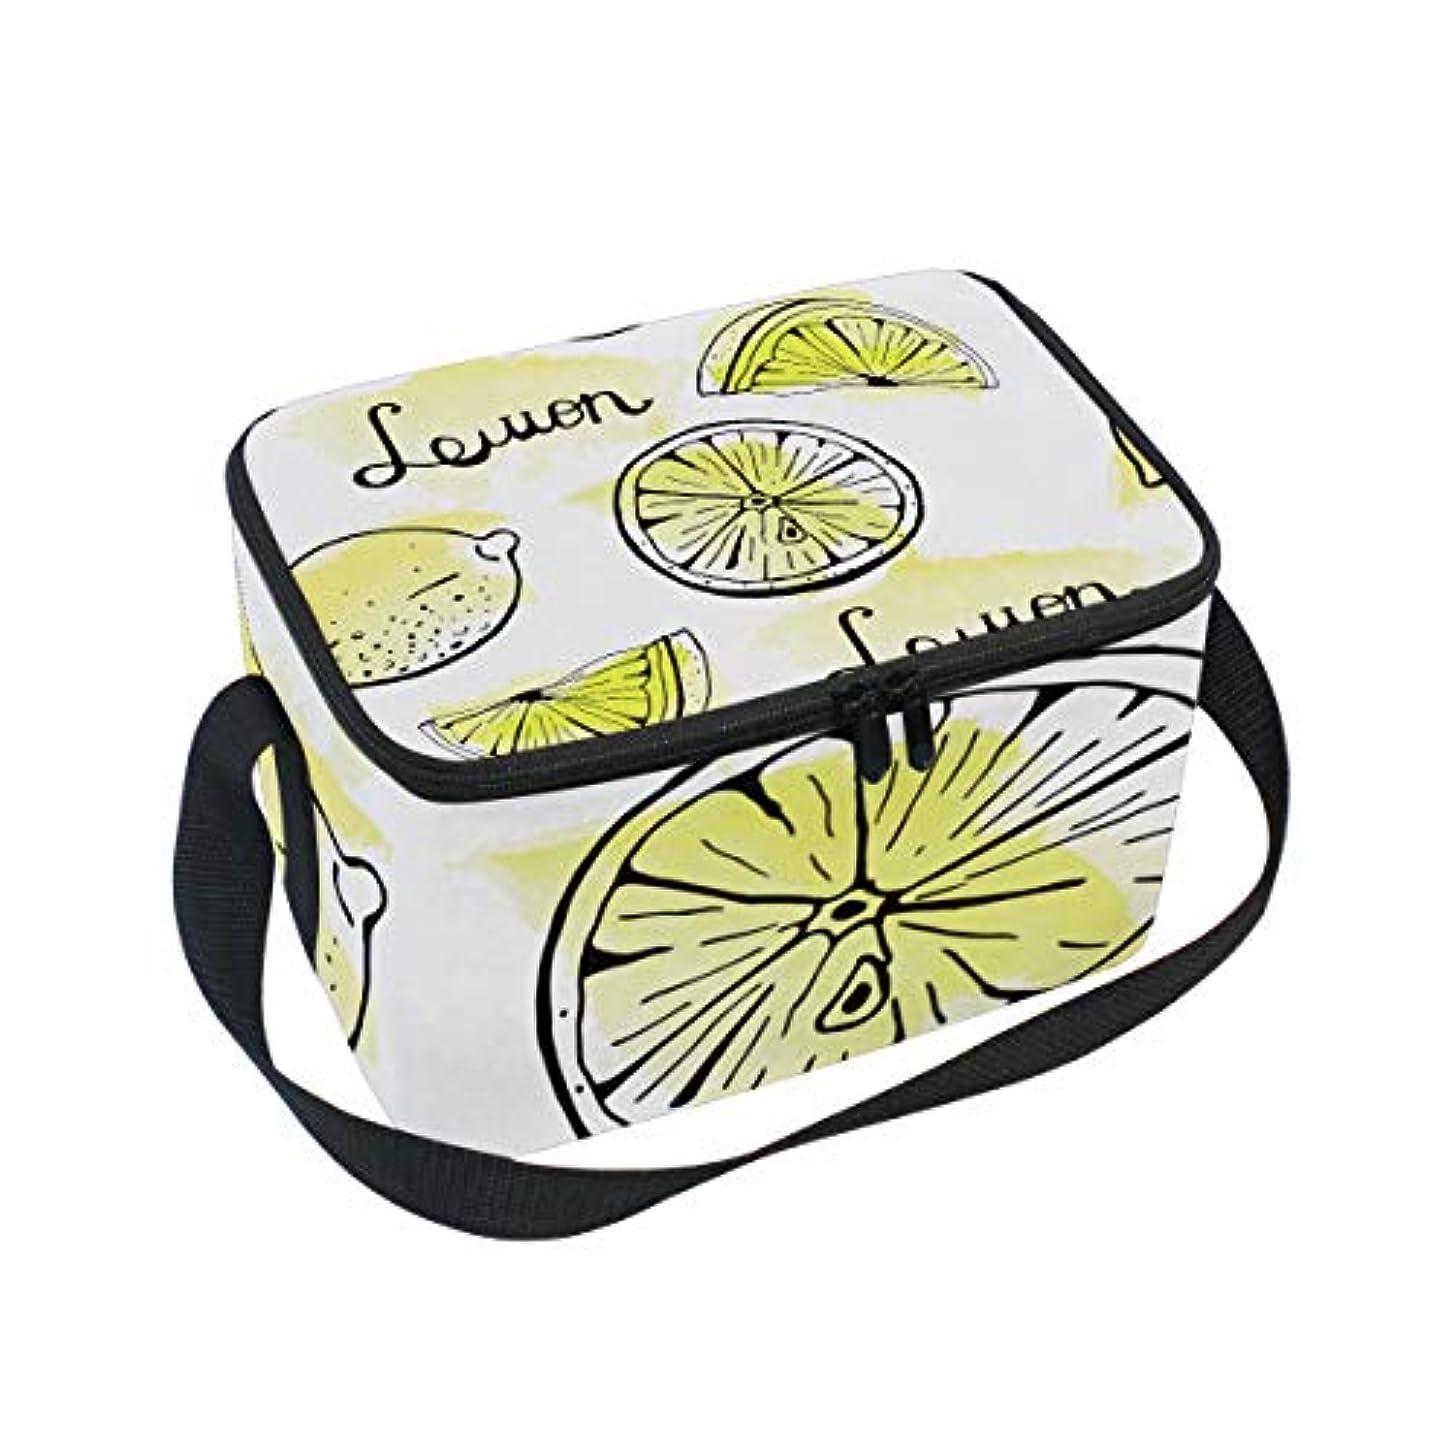 神経衰弱眼拘束クーラーバッグ クーラーボックス ソフトクーラ 冷蔵ボックス キャンプ用品  レモン柄 保冷保温 大容量 肩掛け お花見 アウトドア